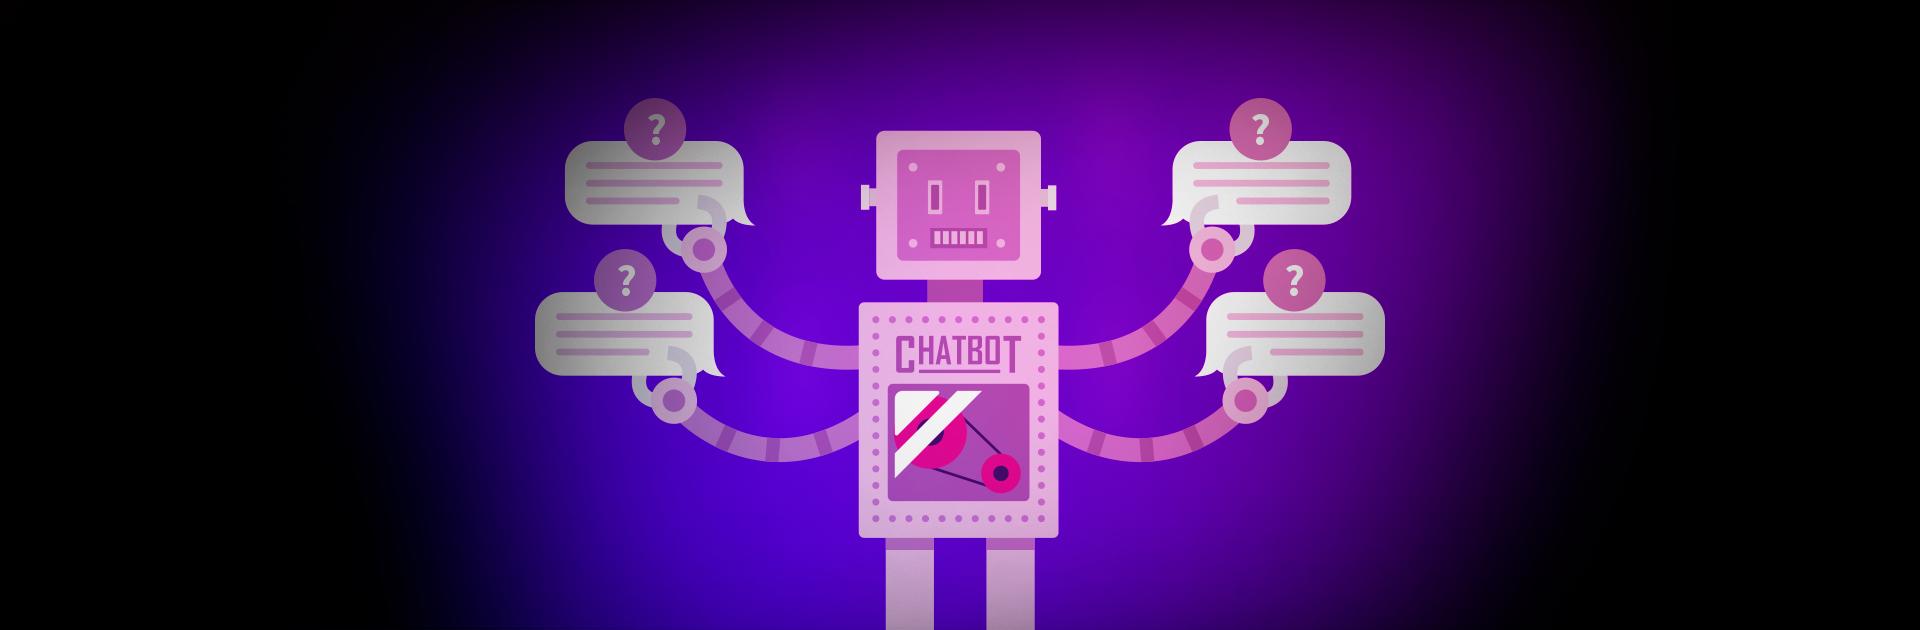 Vai criar um chatbot? Atenção ao conteúdo!